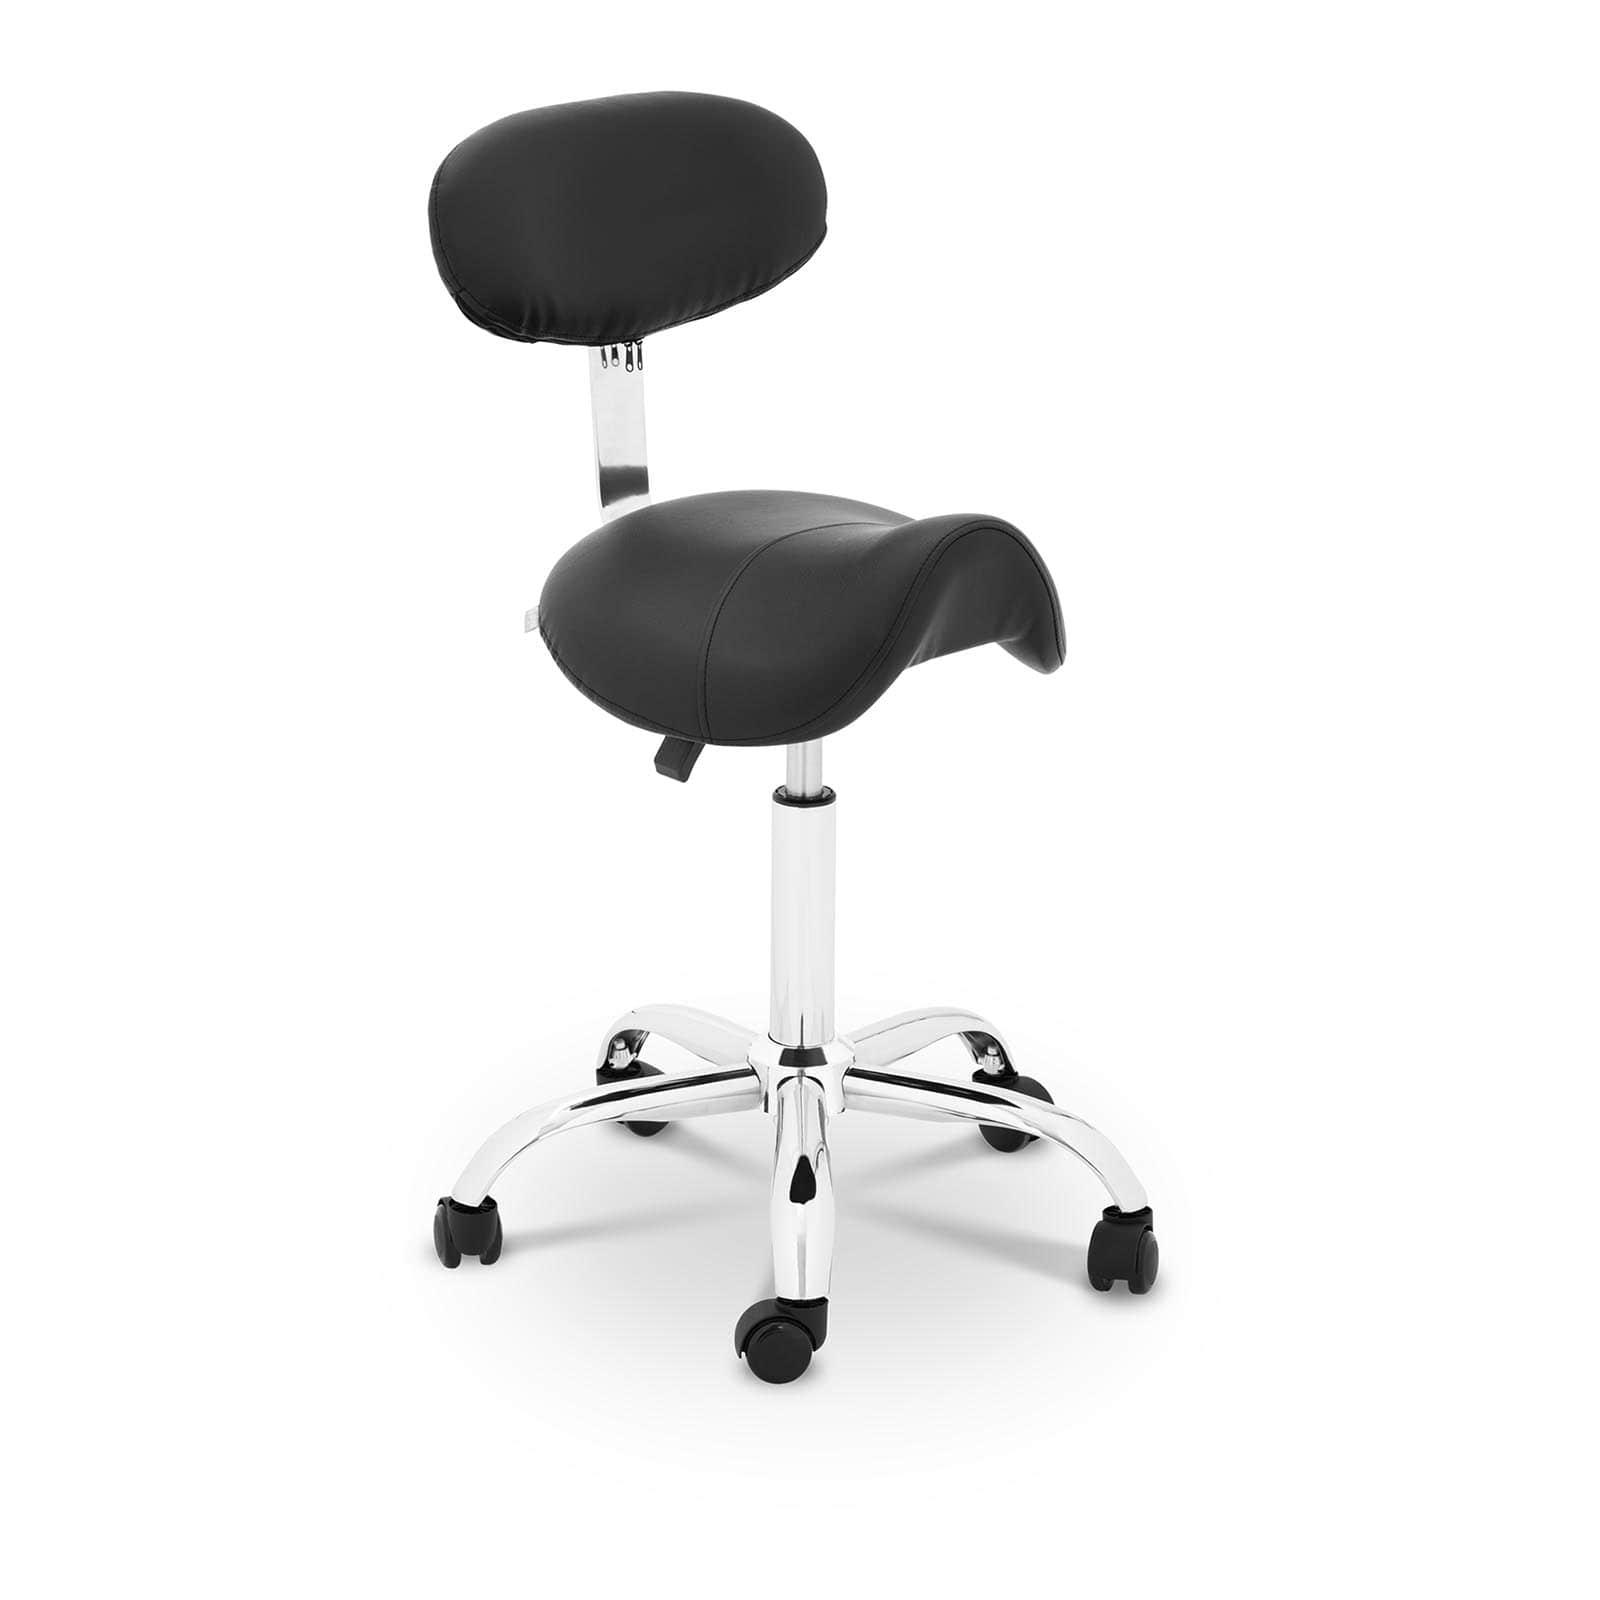 Czarne krzesło siodłowe Hamburg - oparcie